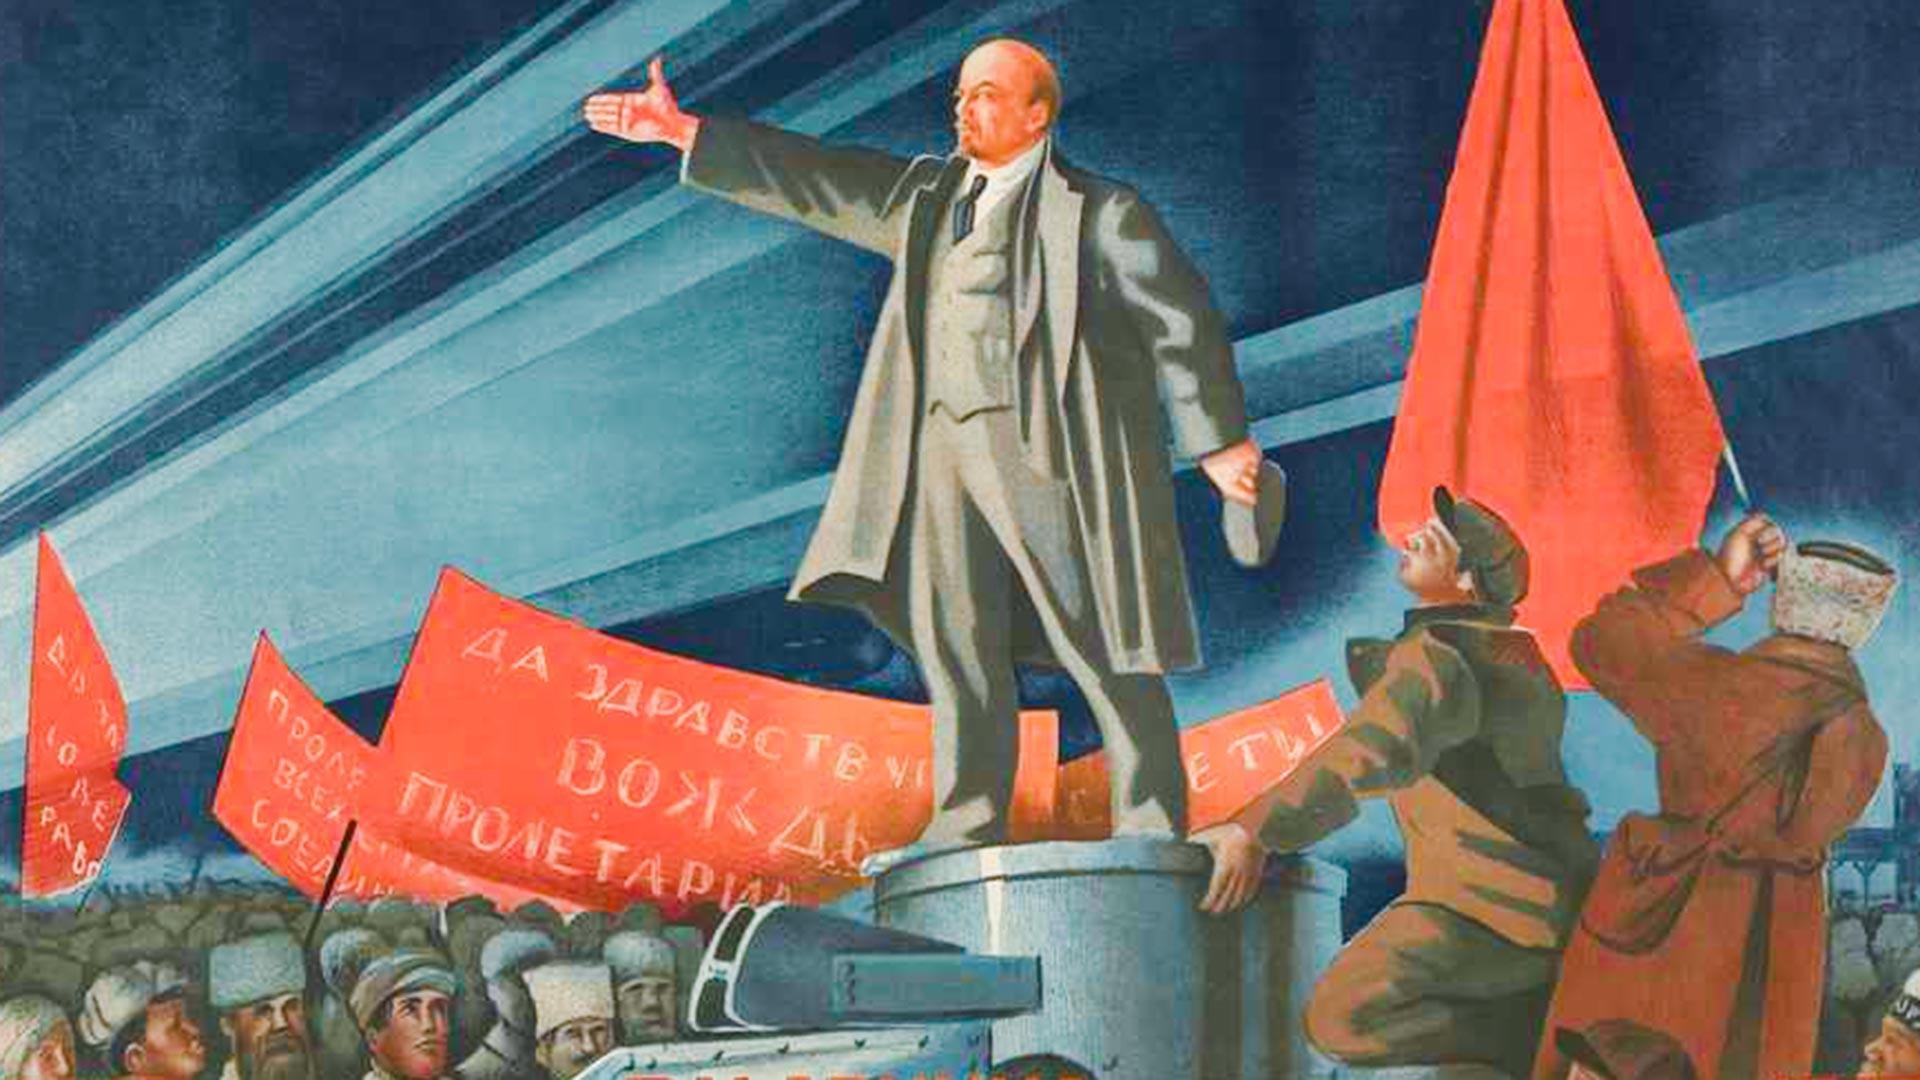 « Vive la révolution socialiste dans le monde ! » 16/IV. Visite de Lénine à Petrograd, 1917